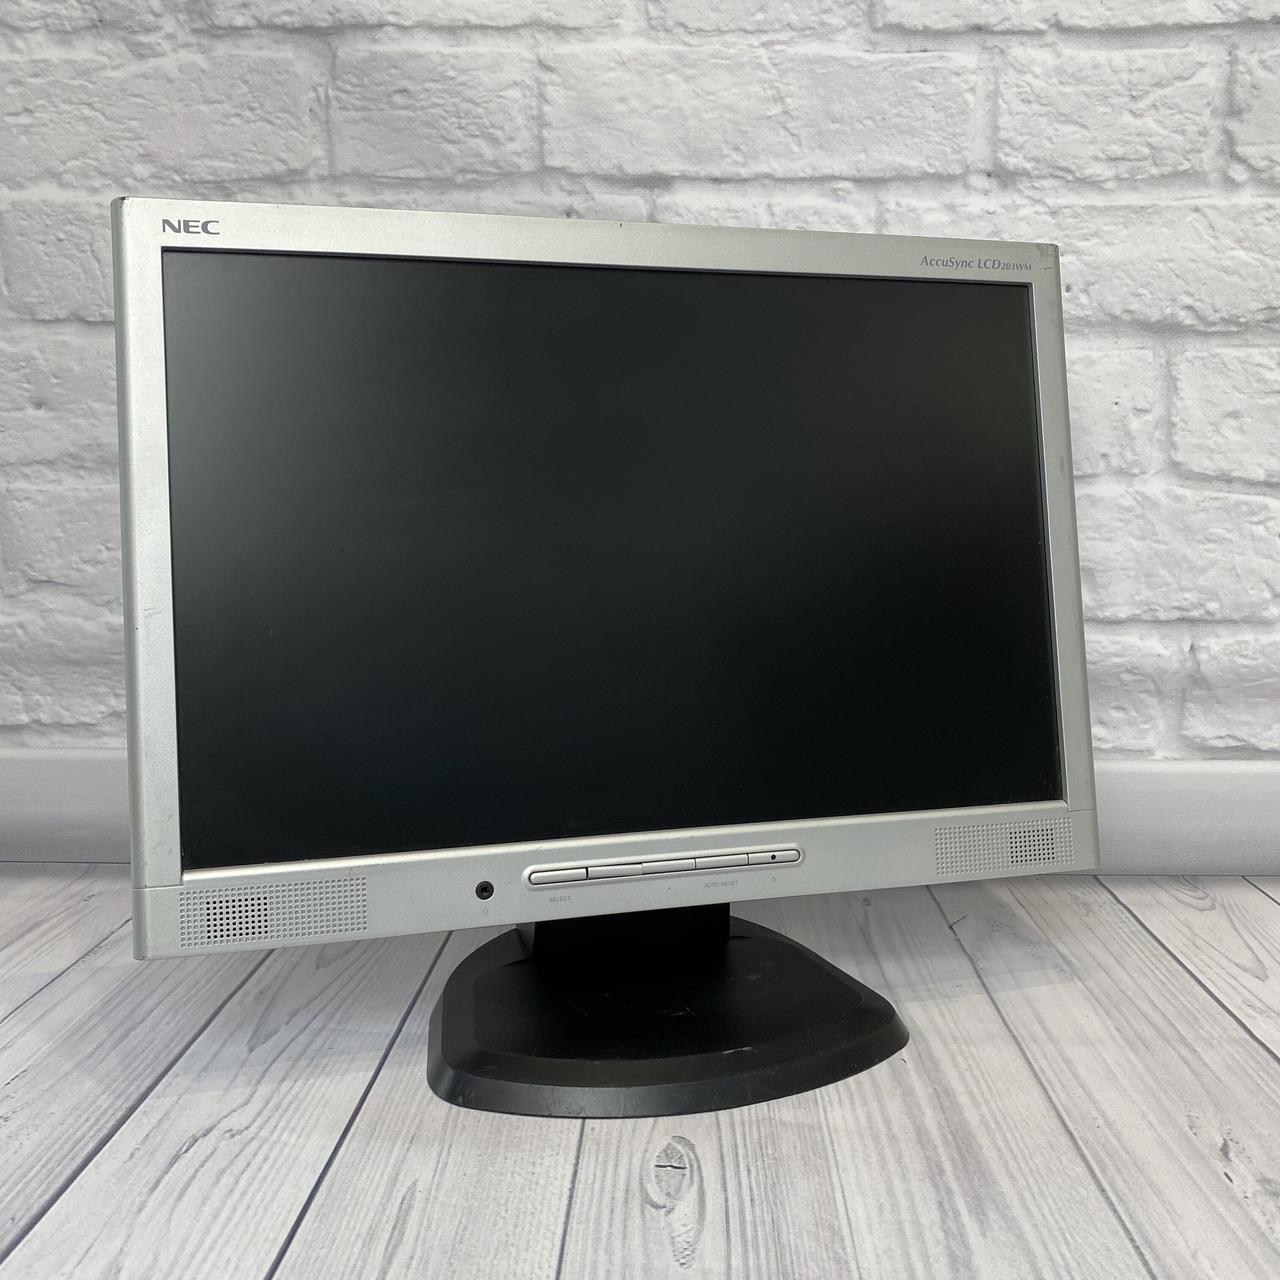 Монитор NEC 20 LED (Матрица TN / VGA / Разрешение 1680x1050)